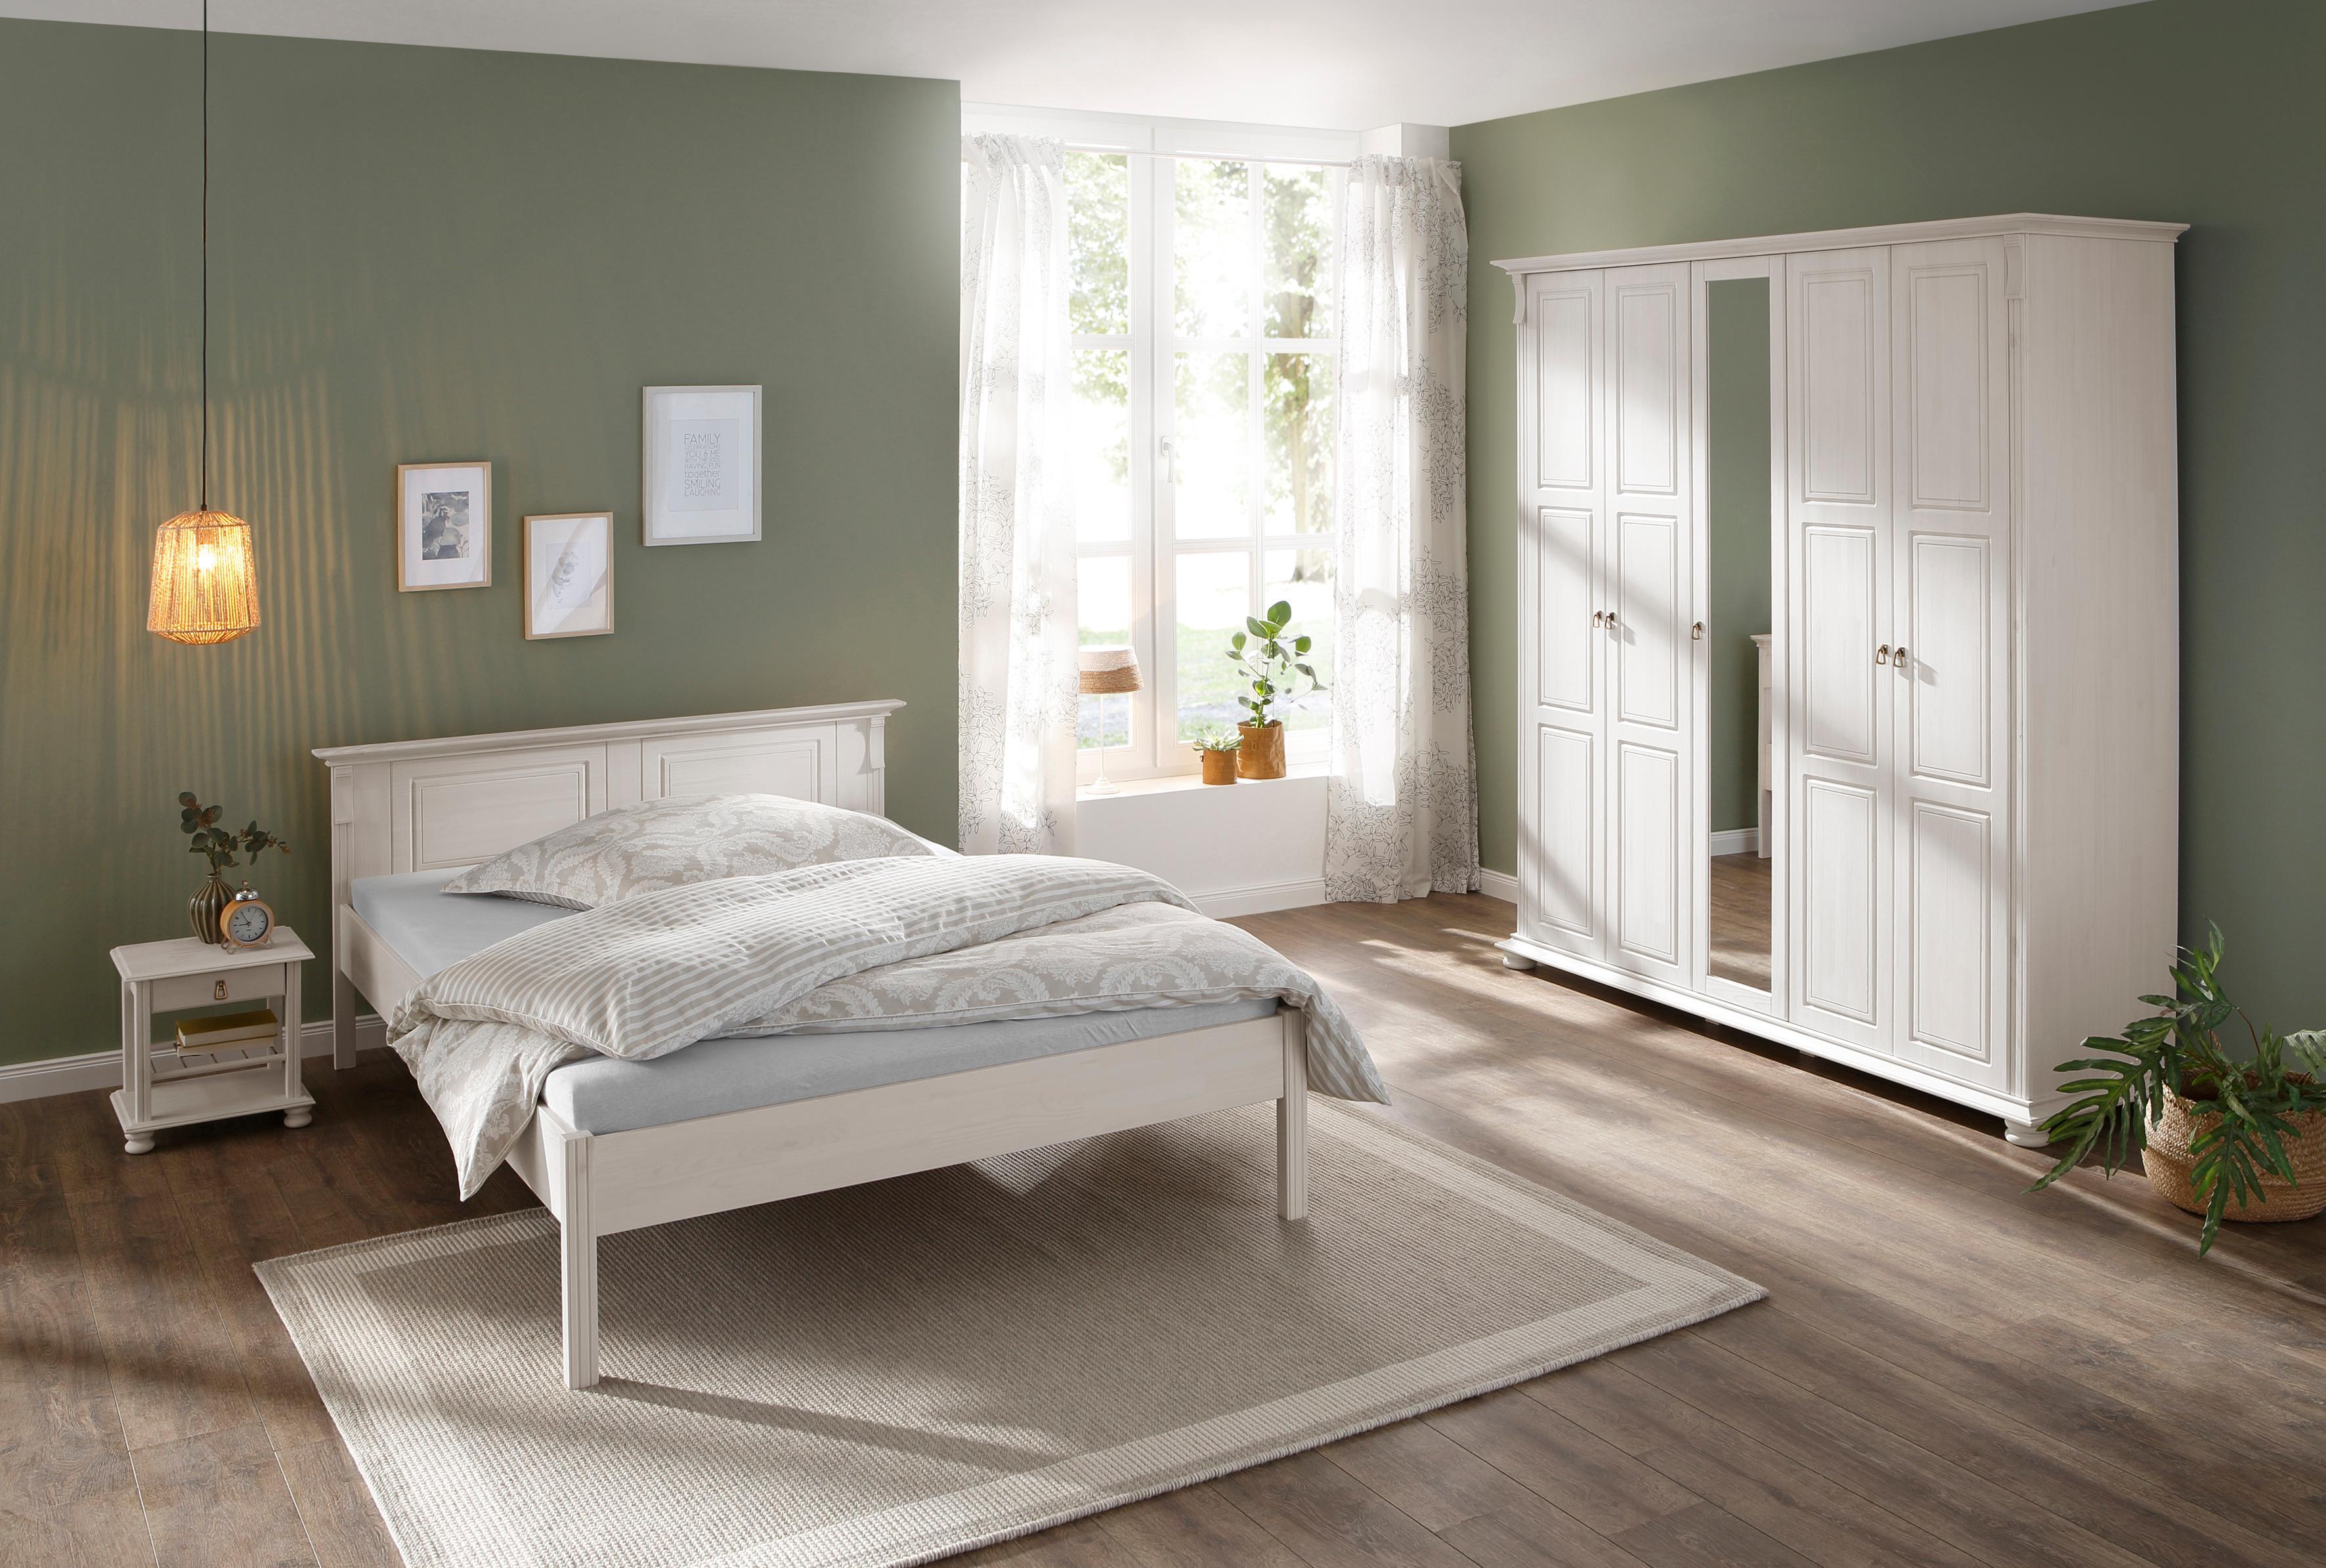 Home affaire Schlafzimmer-Set Mitu aus massiver Kiefer (3-teilig)